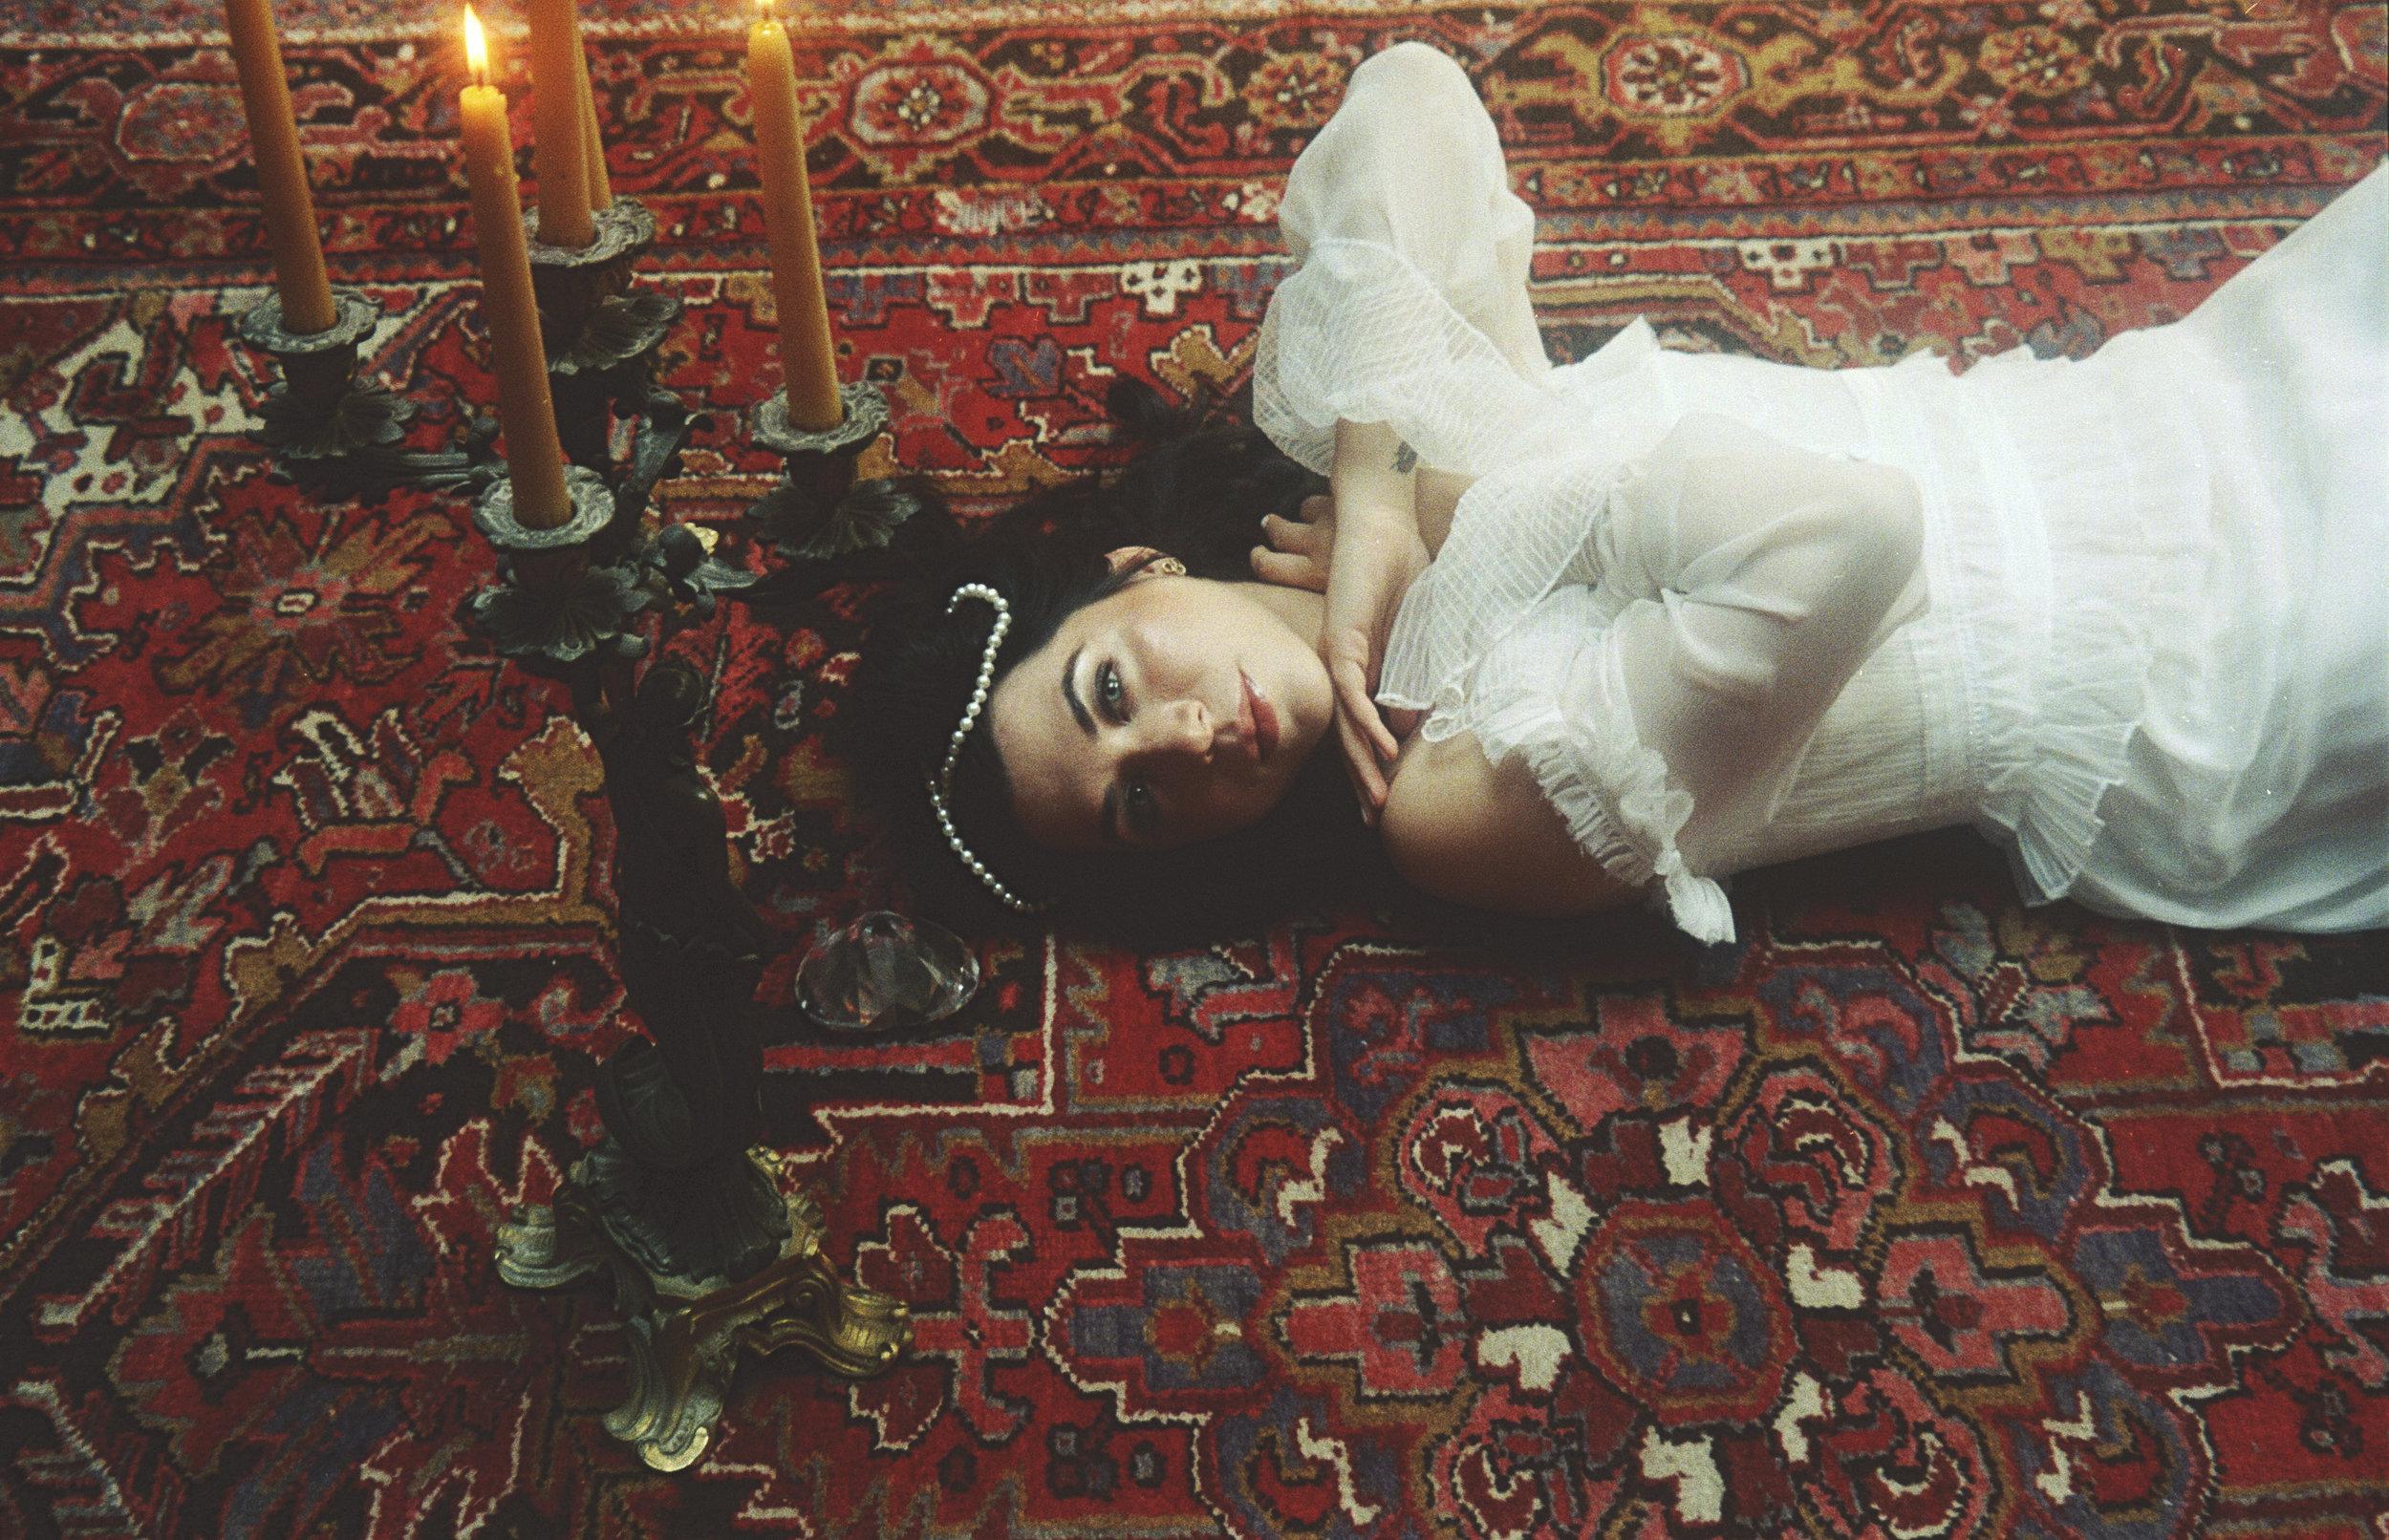 all photos by hana haley